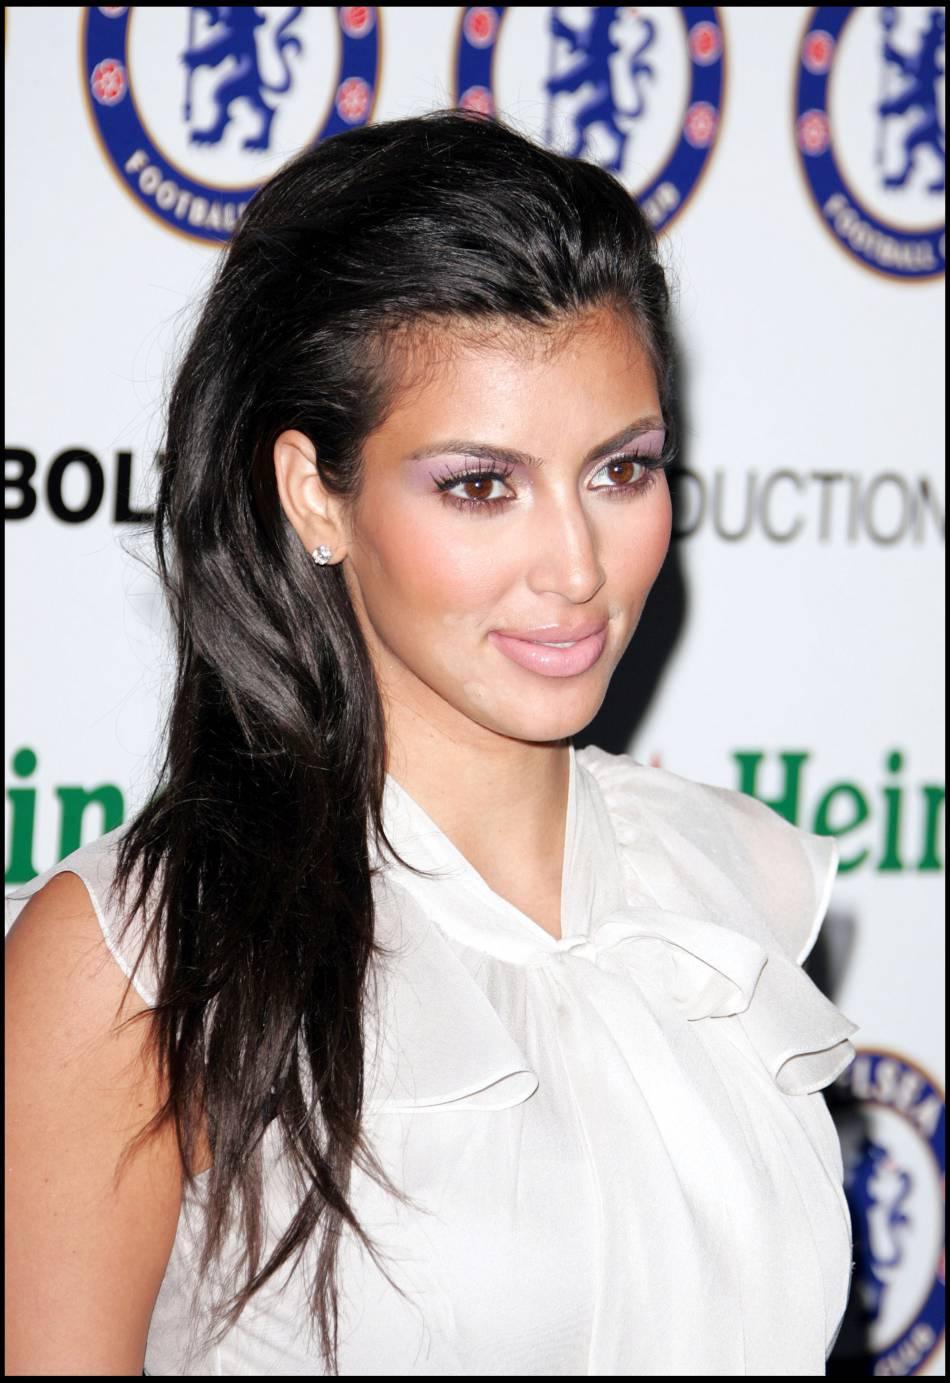 Il y a quelques années, Kim Kardashian avait des cheveux de bébé sur le front.